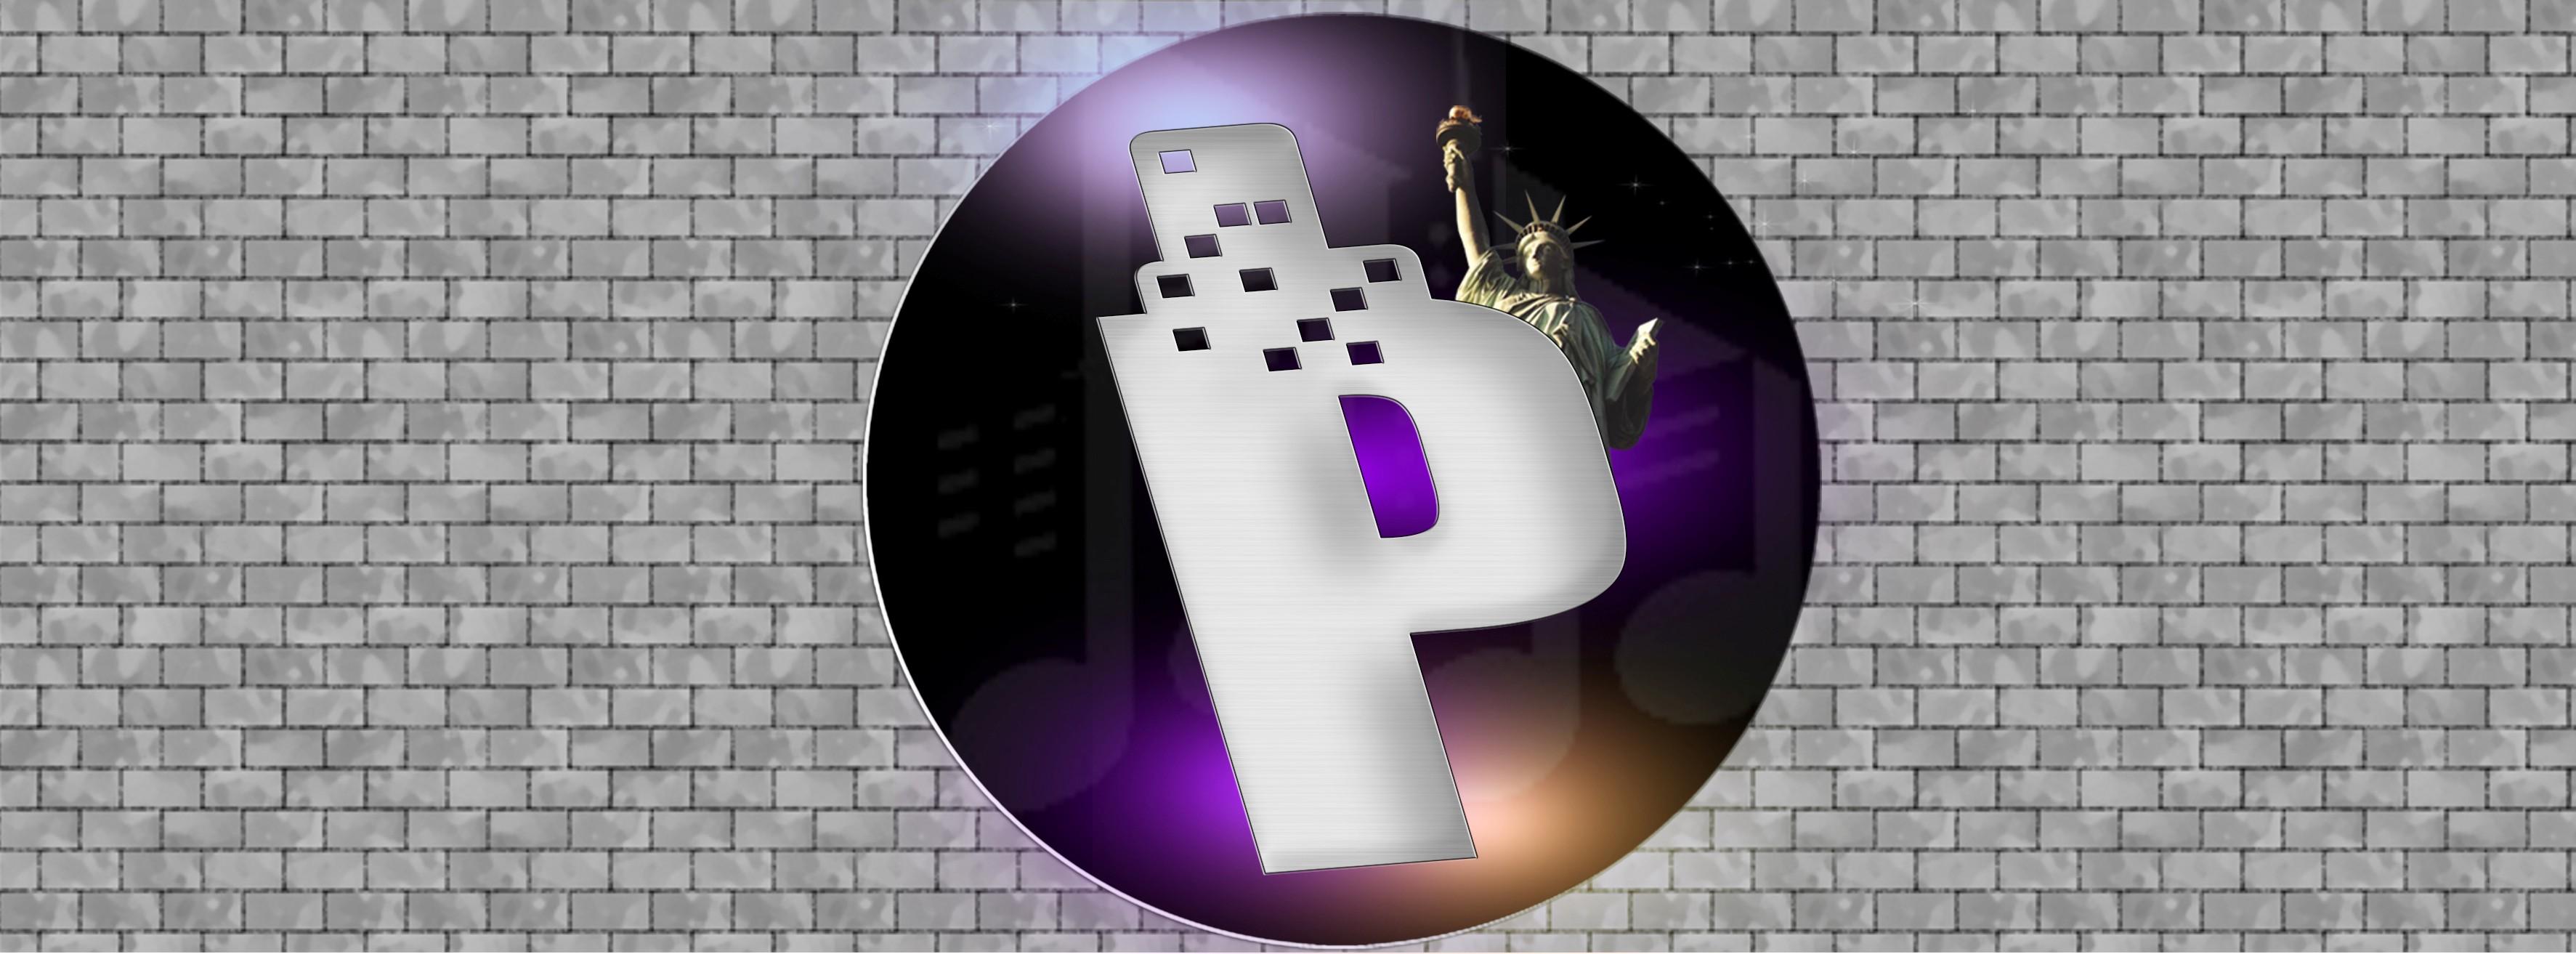 http://panoramix-radio-station.com/wp-content/uploads/2017/10/EUPHORIA-BANNER-PANORAMIX-AGENCY.jpg